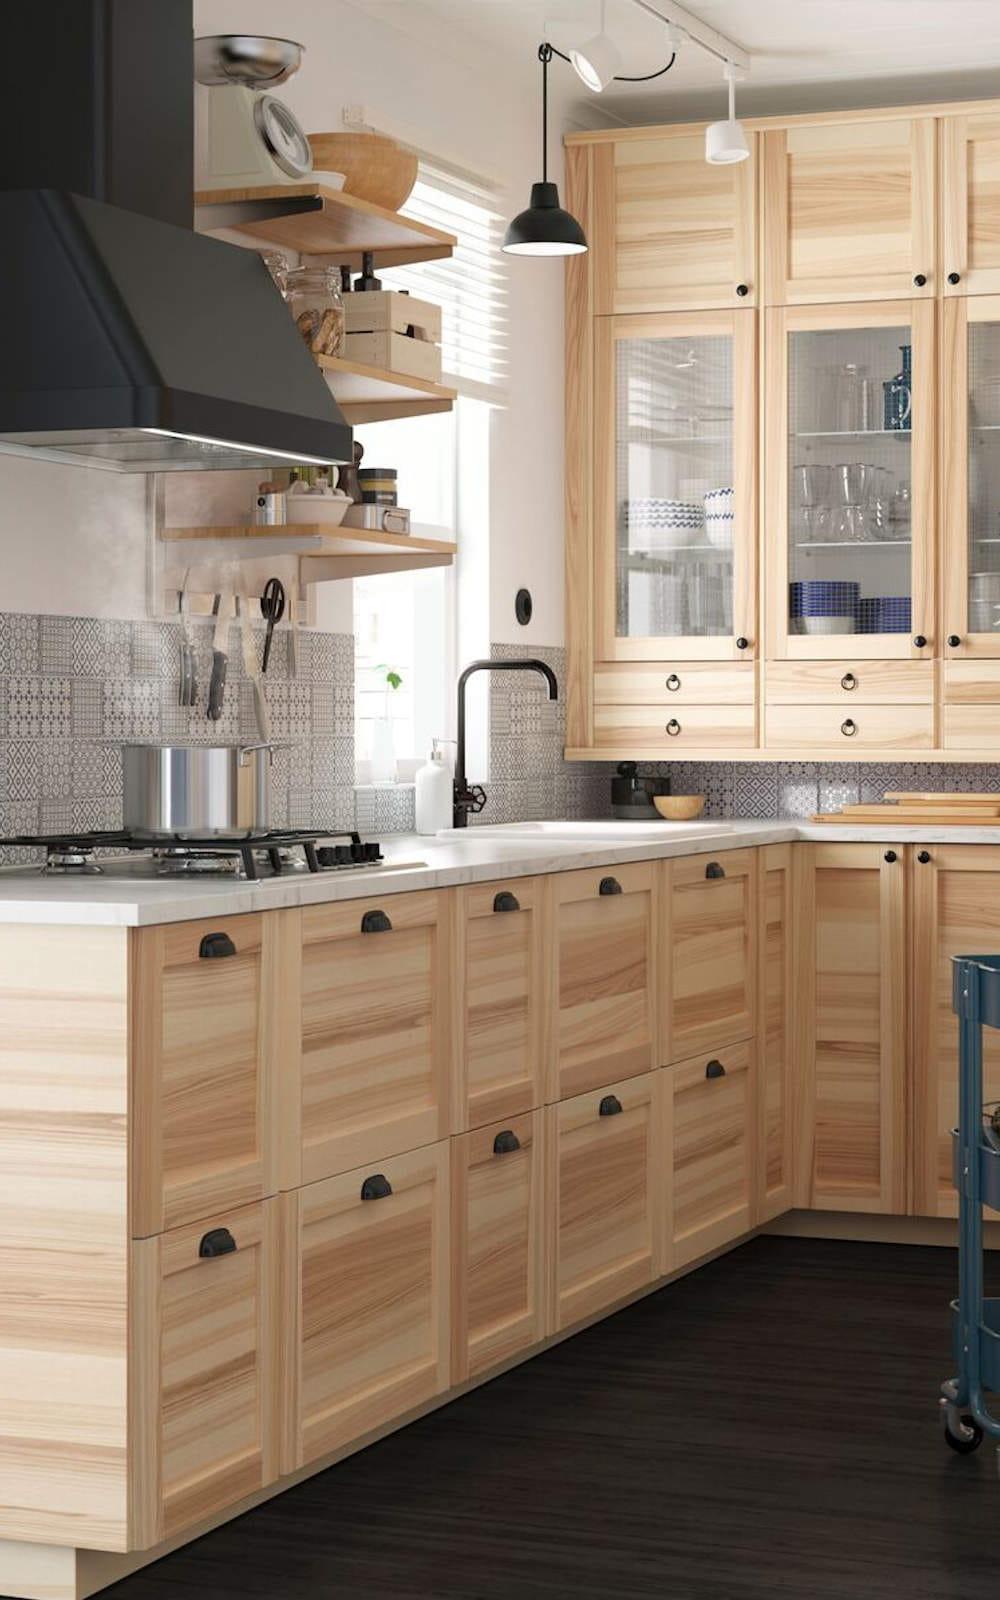 Utiliser L Outil De Planification 3d Ikea Et Tester Des Configurations